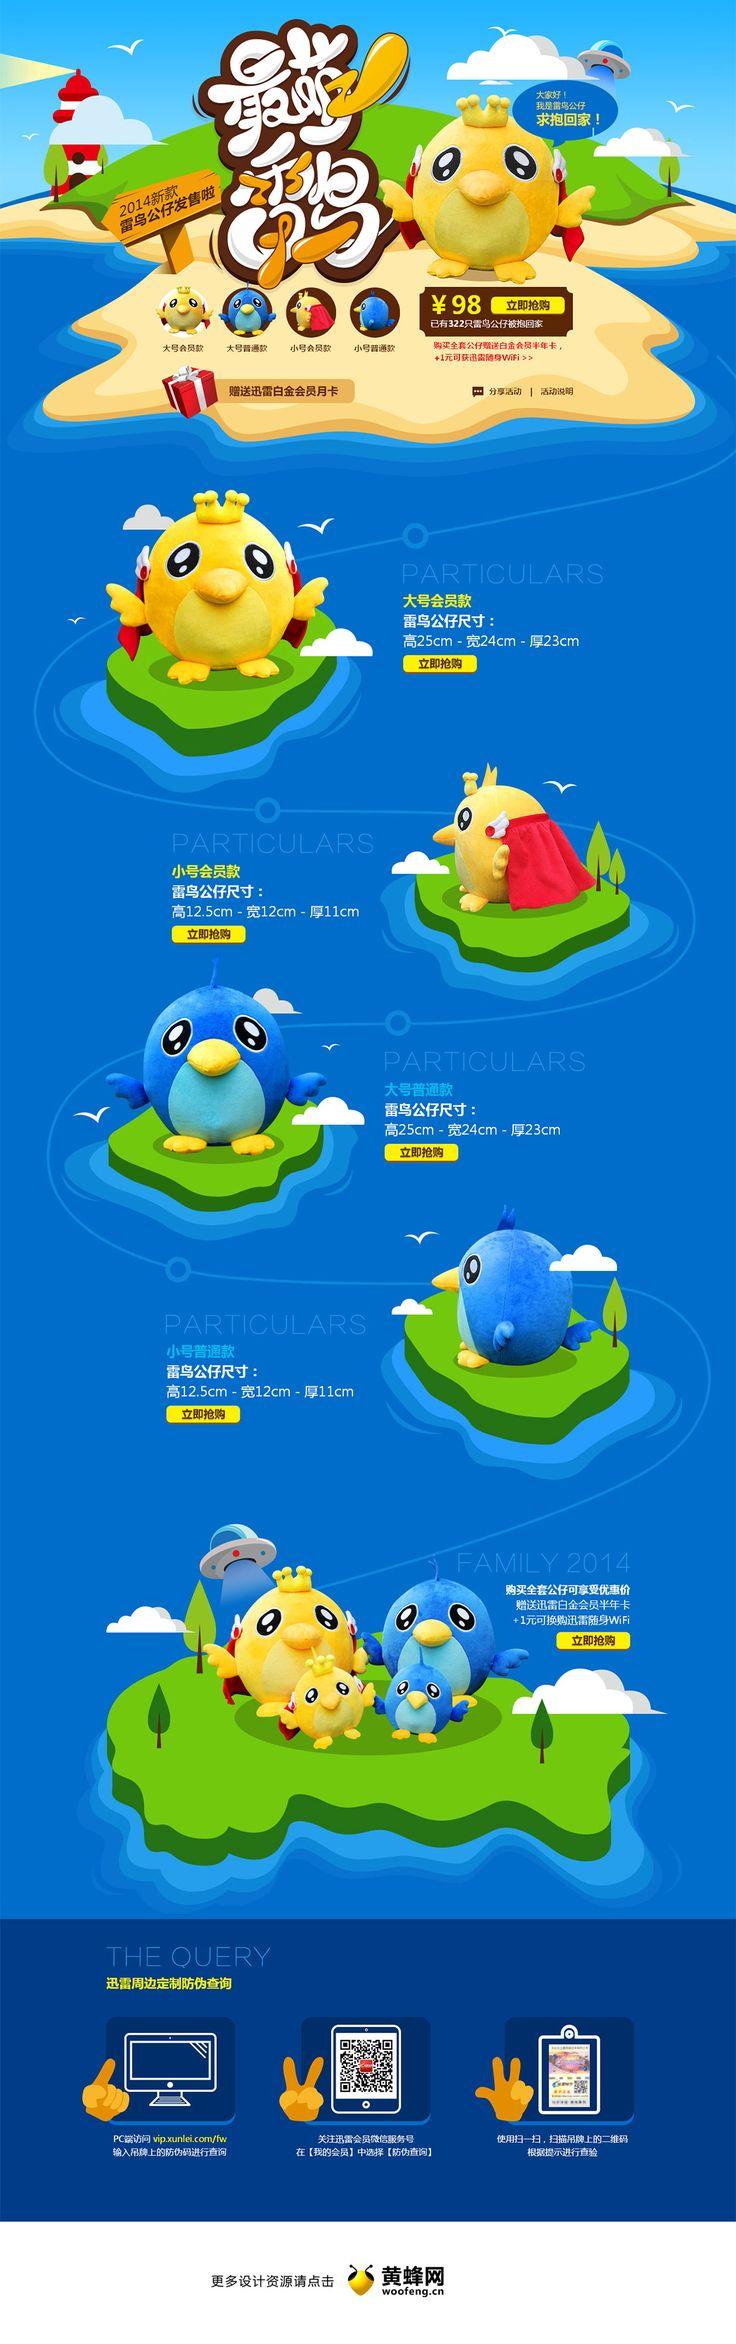 新款雷鸟公仔发售专题页面设计,来源自黄蜂网http://woofeng.cn/